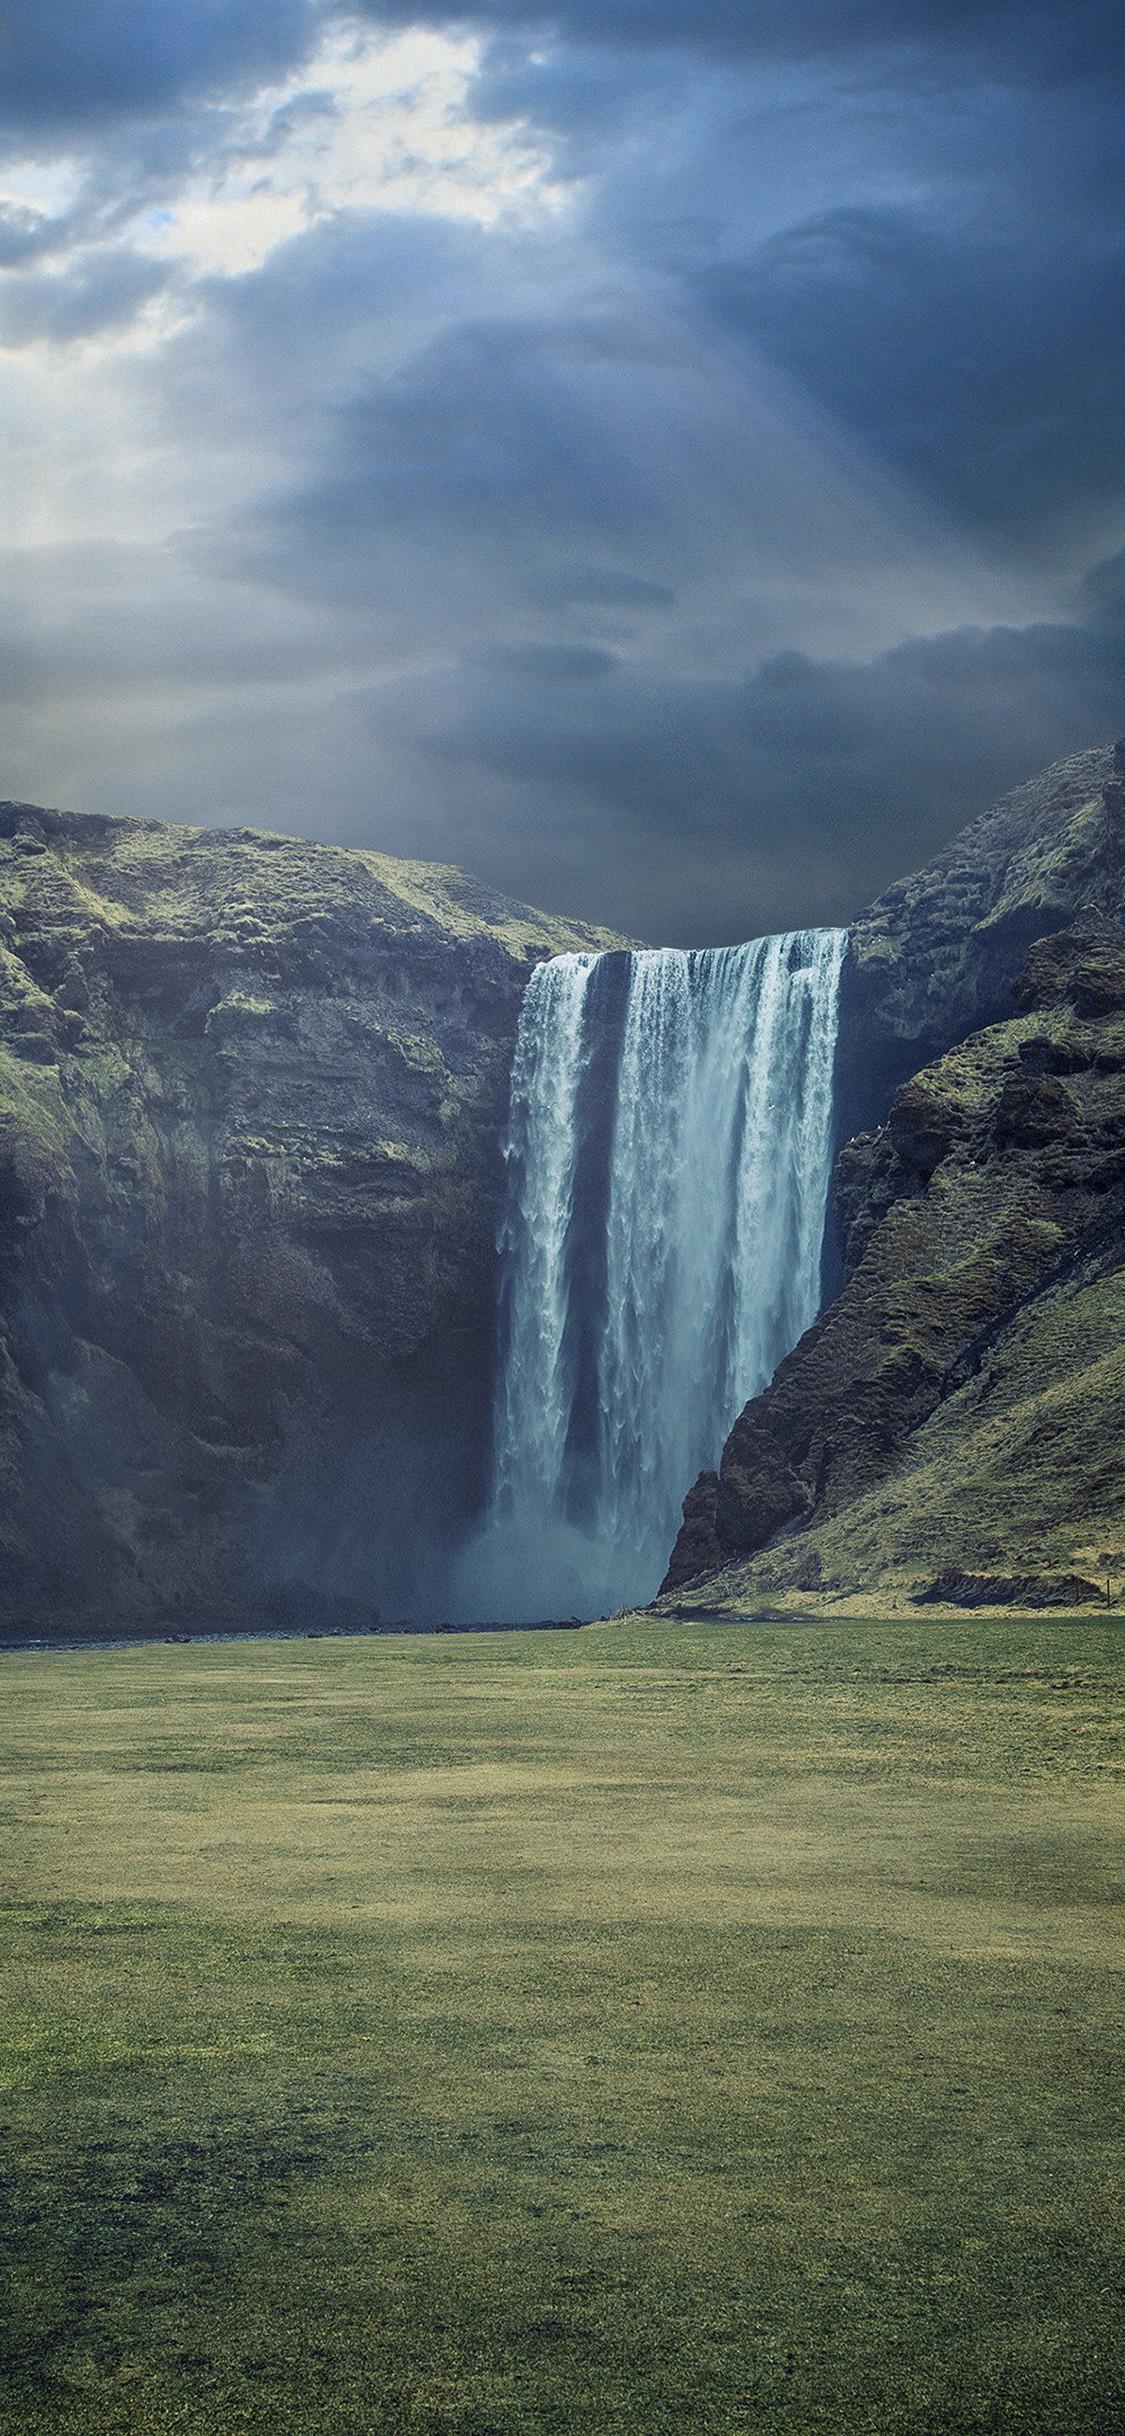 Waterfall Landscape HD Wallpaper - [1125x2436]